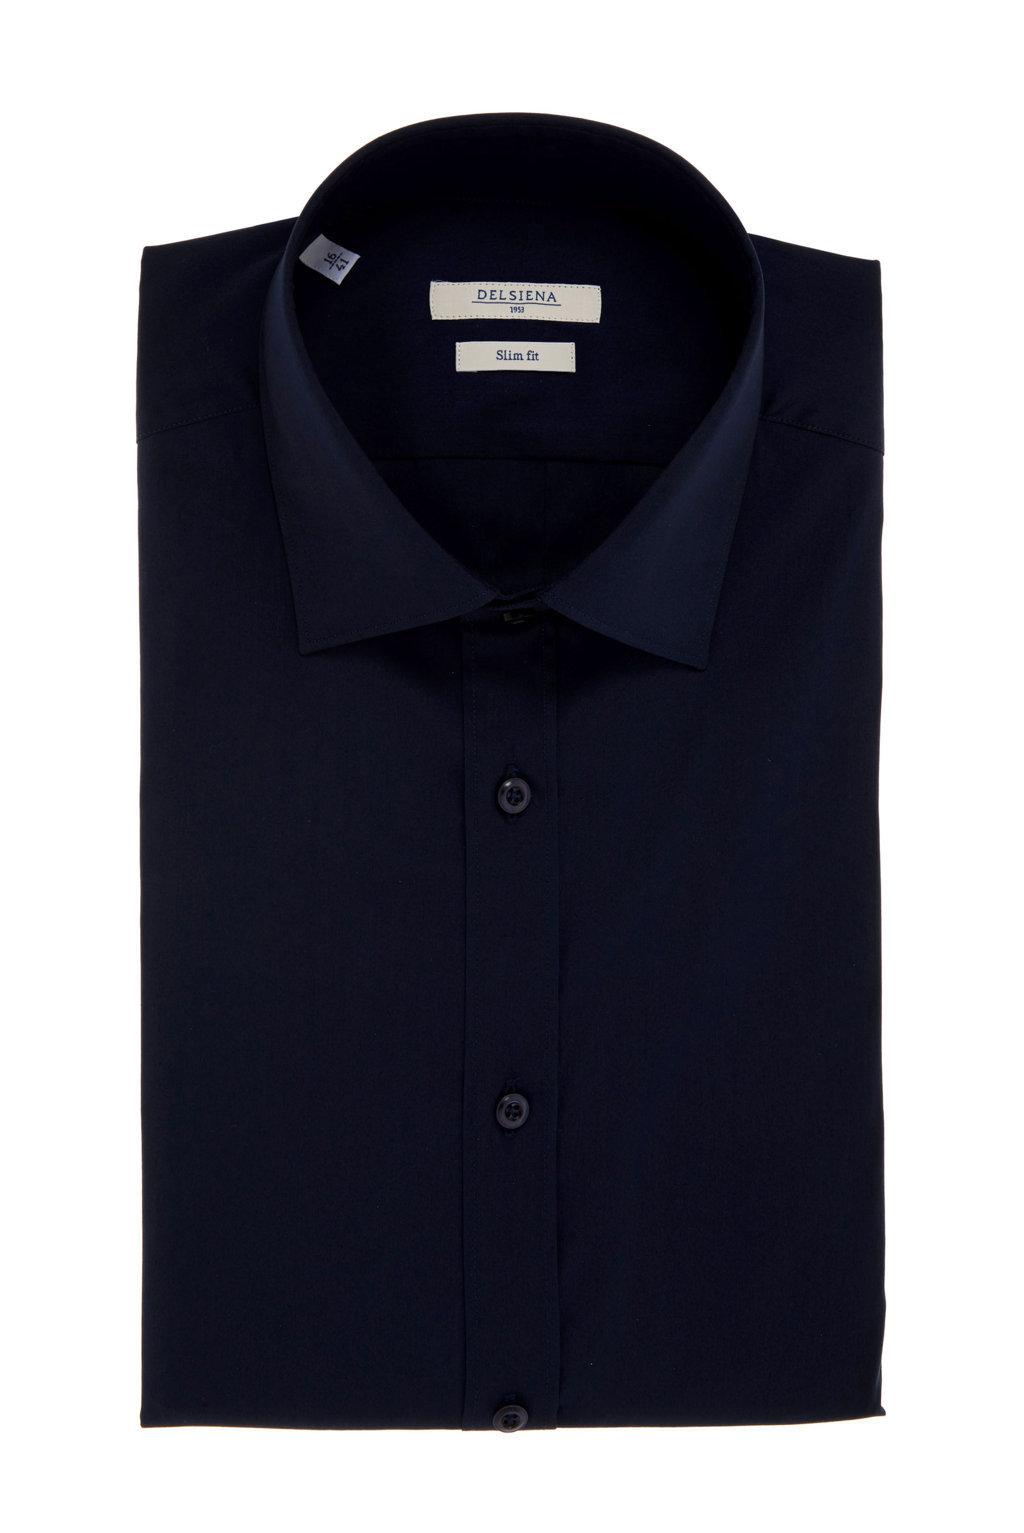 Camicia Delsiena blu notte Slim fit